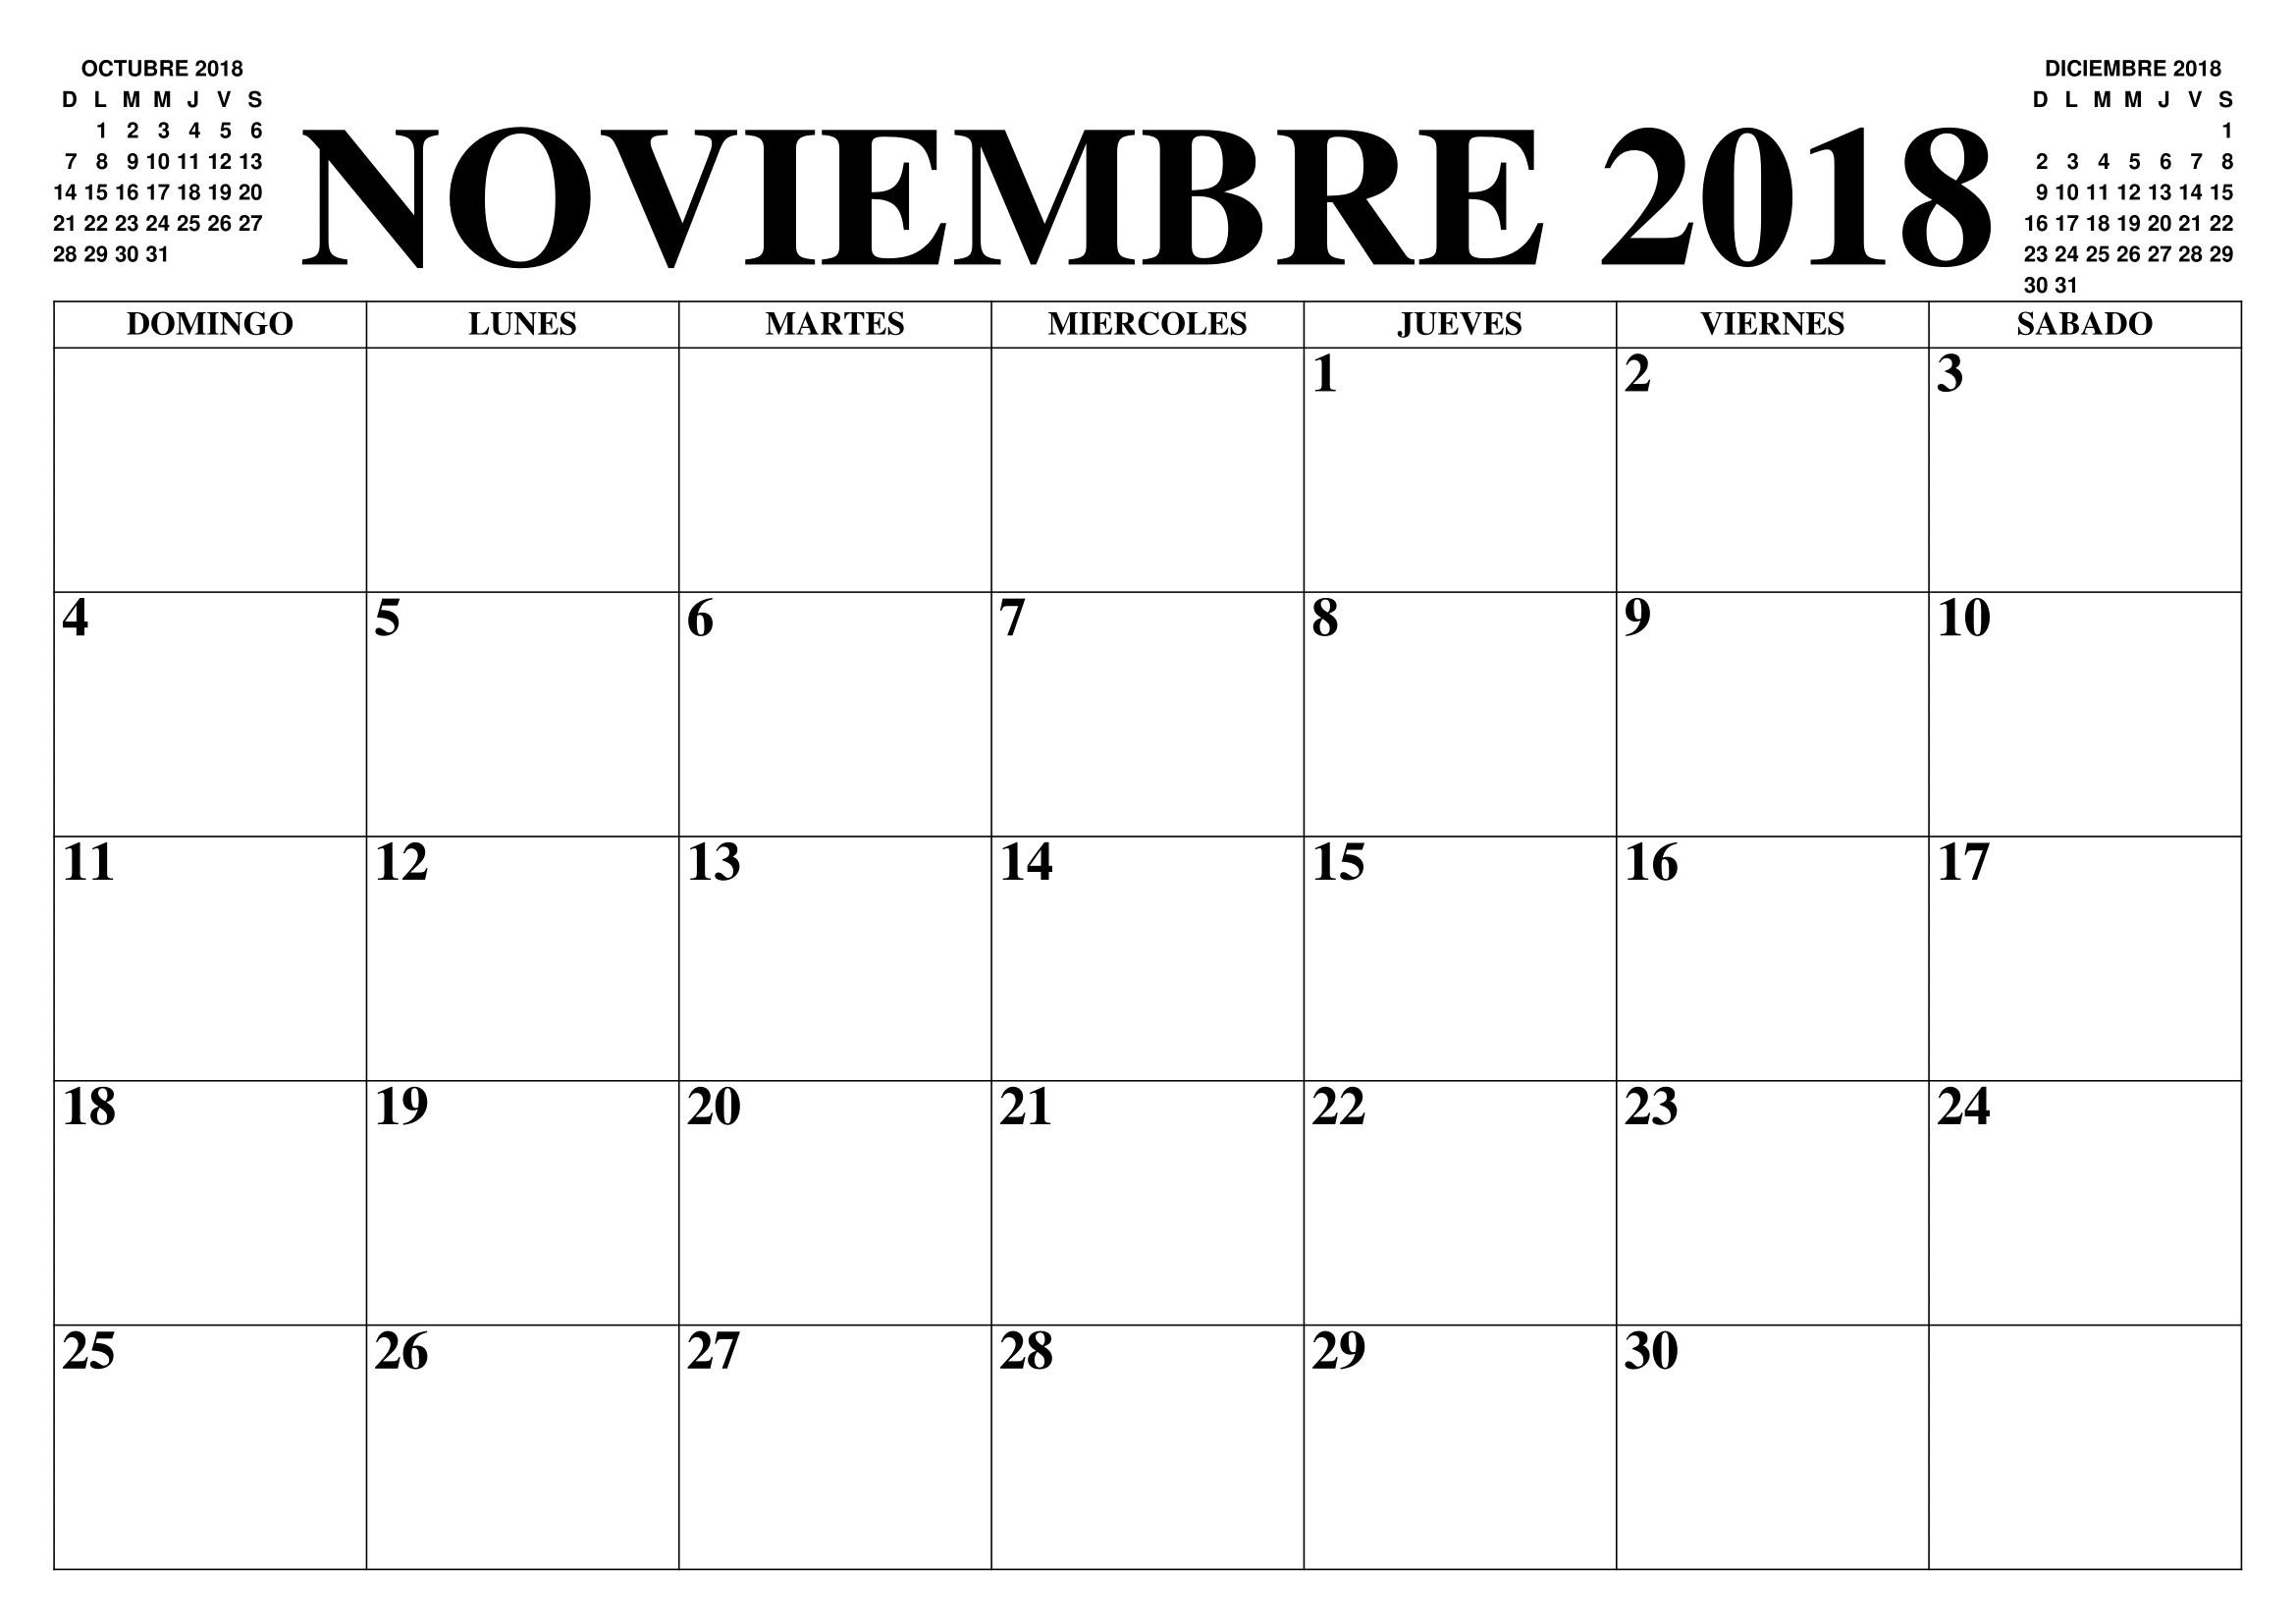 Calendario Noviembre 2017 Imprimir Gratis Mejores Y Más Novedosos Calendario Noviembre 2018 Colombia Of Calendario Noviembre 2017 Imprimir Gratis Más Recientes Calendar 2018 October Moon Phase October Calendar Printable